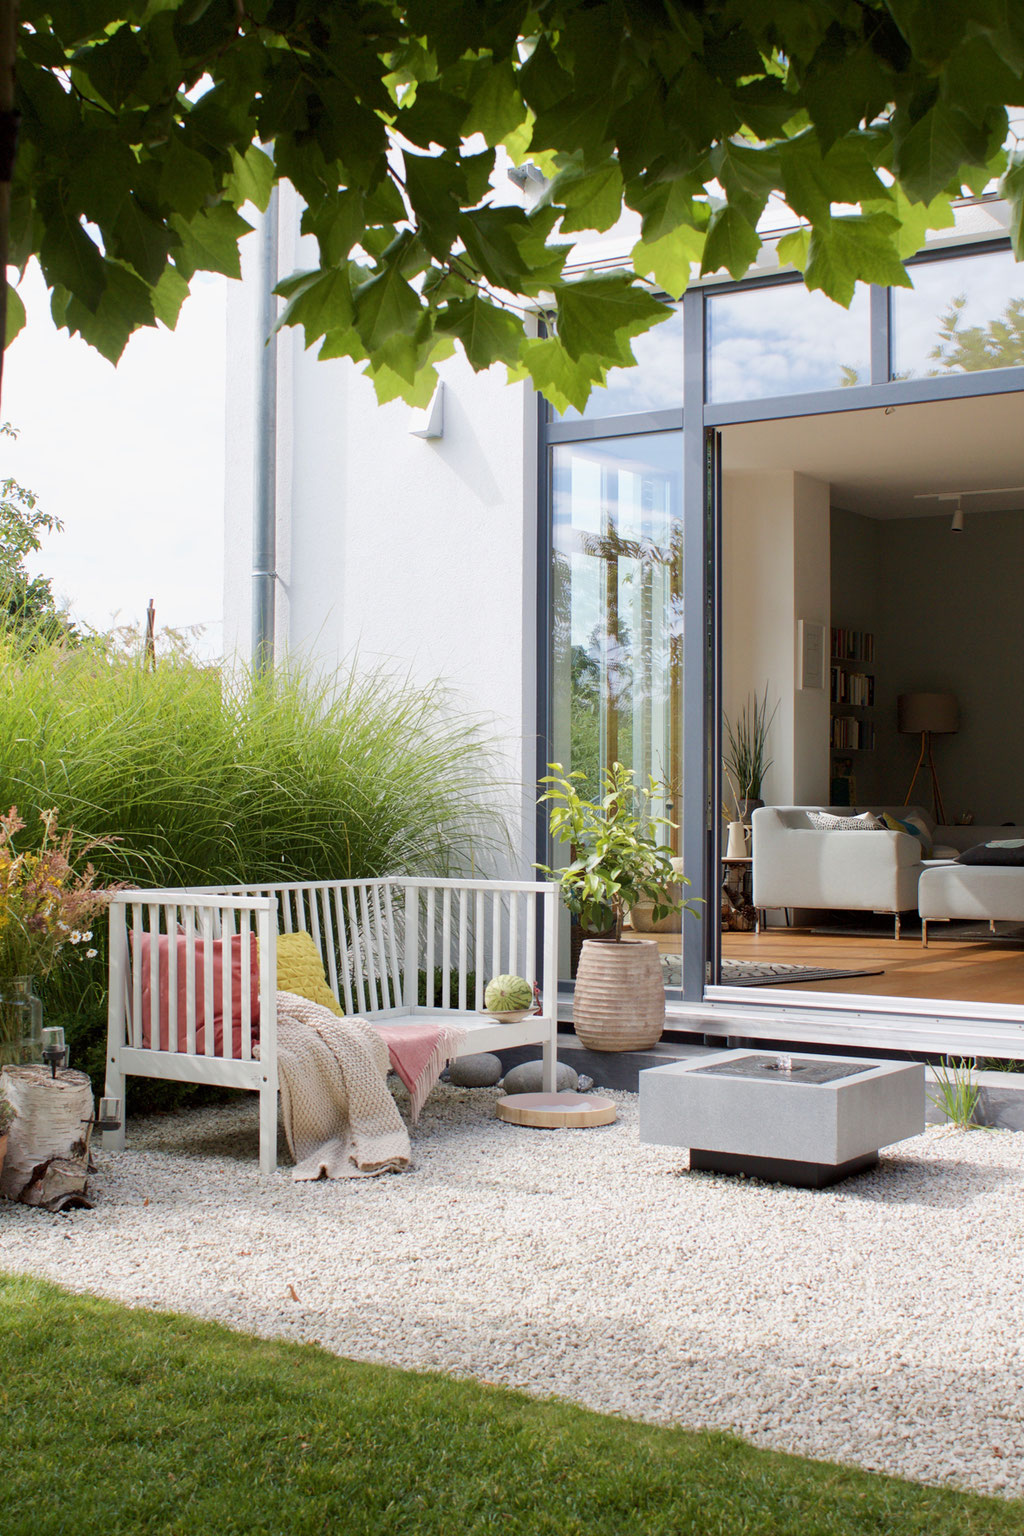 dieartigeBLOG - Weiße Gartenbank, Kies-Terrasse mit Brunnen, Wohnzimmer mit offenen Flügeltüren